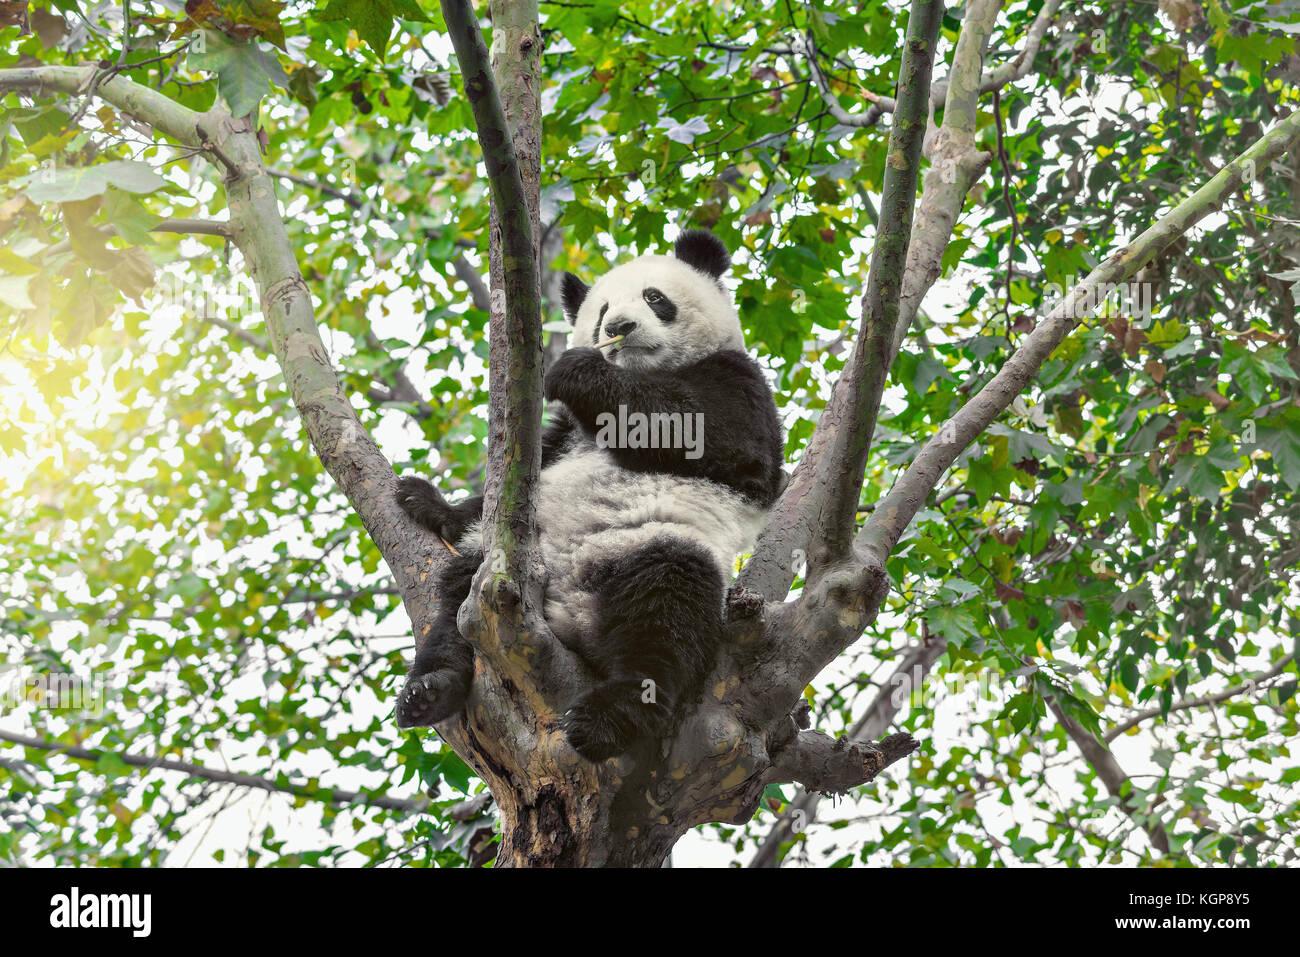 Panda gigante si siede sulla struttura ad albero brunch e mangia di bambù. Immagini Stock